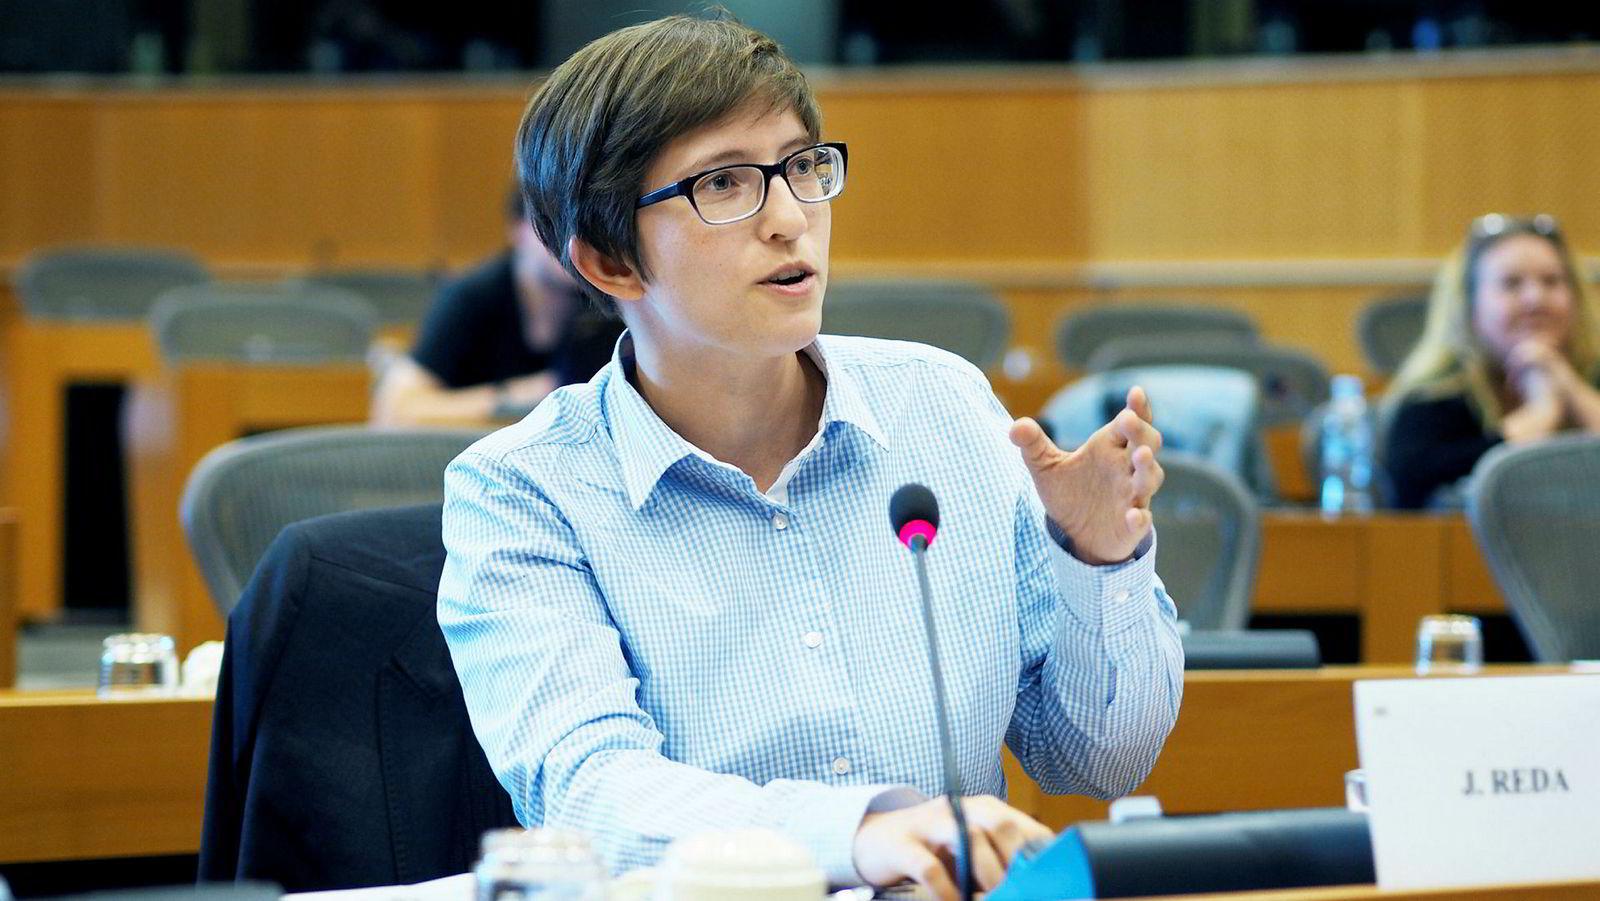 Medlem i Europaparlamentet Julia Reda er skeptisk til opphavsdirektivet, og mener blant annet det vil ramme fankulturen rundt idrettsarrangementer.